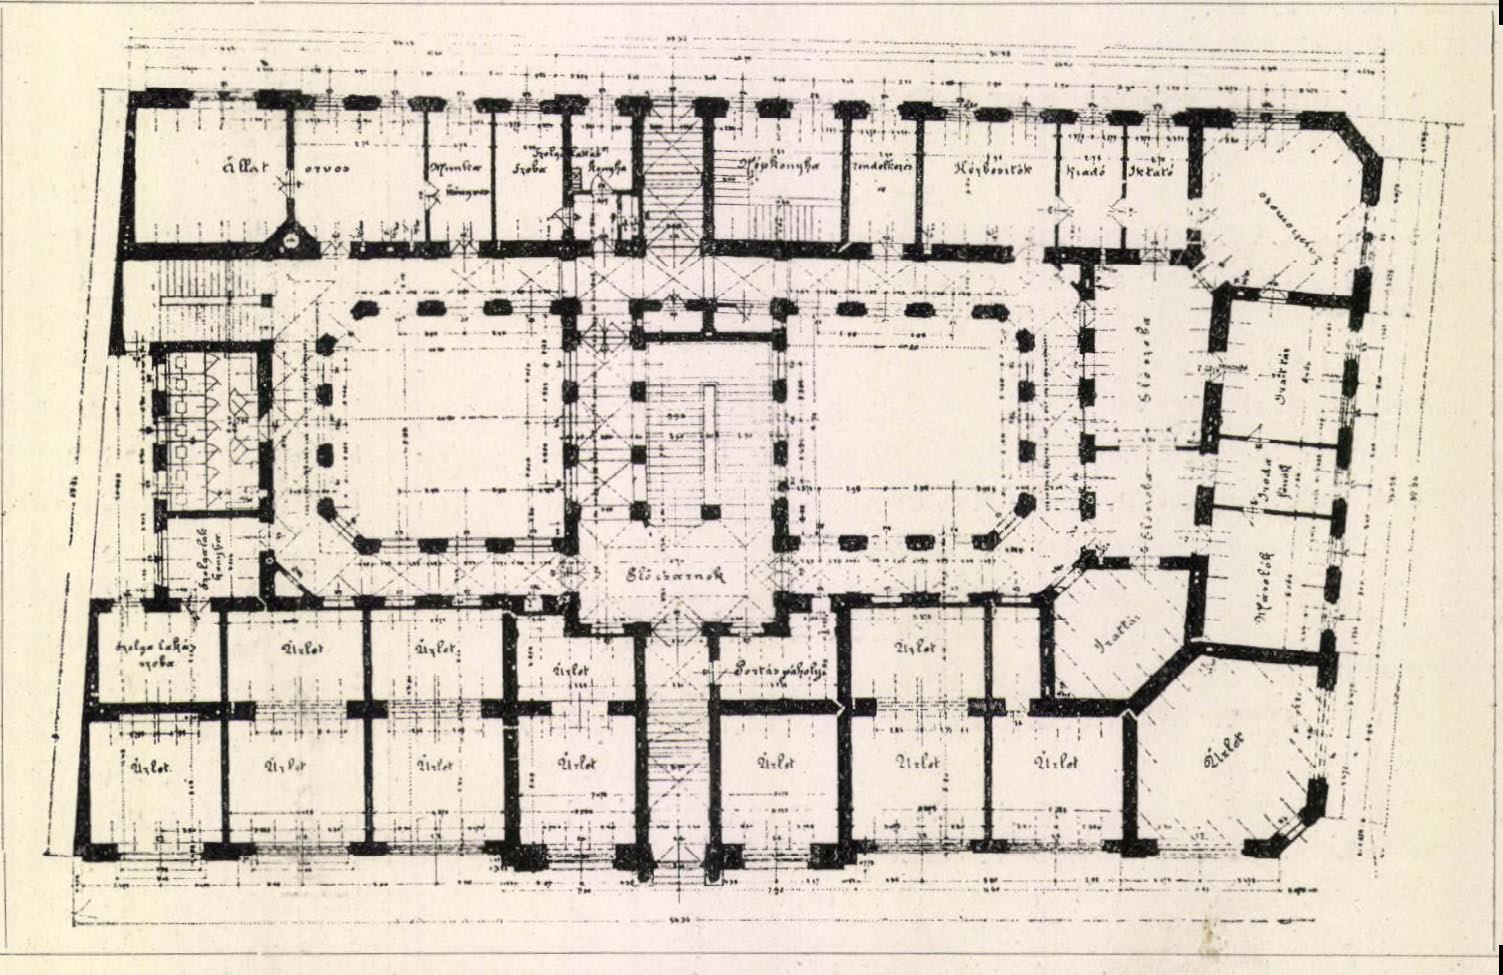 Földszinti alaprajz. (Forrás: Építő Ipar, 1899)